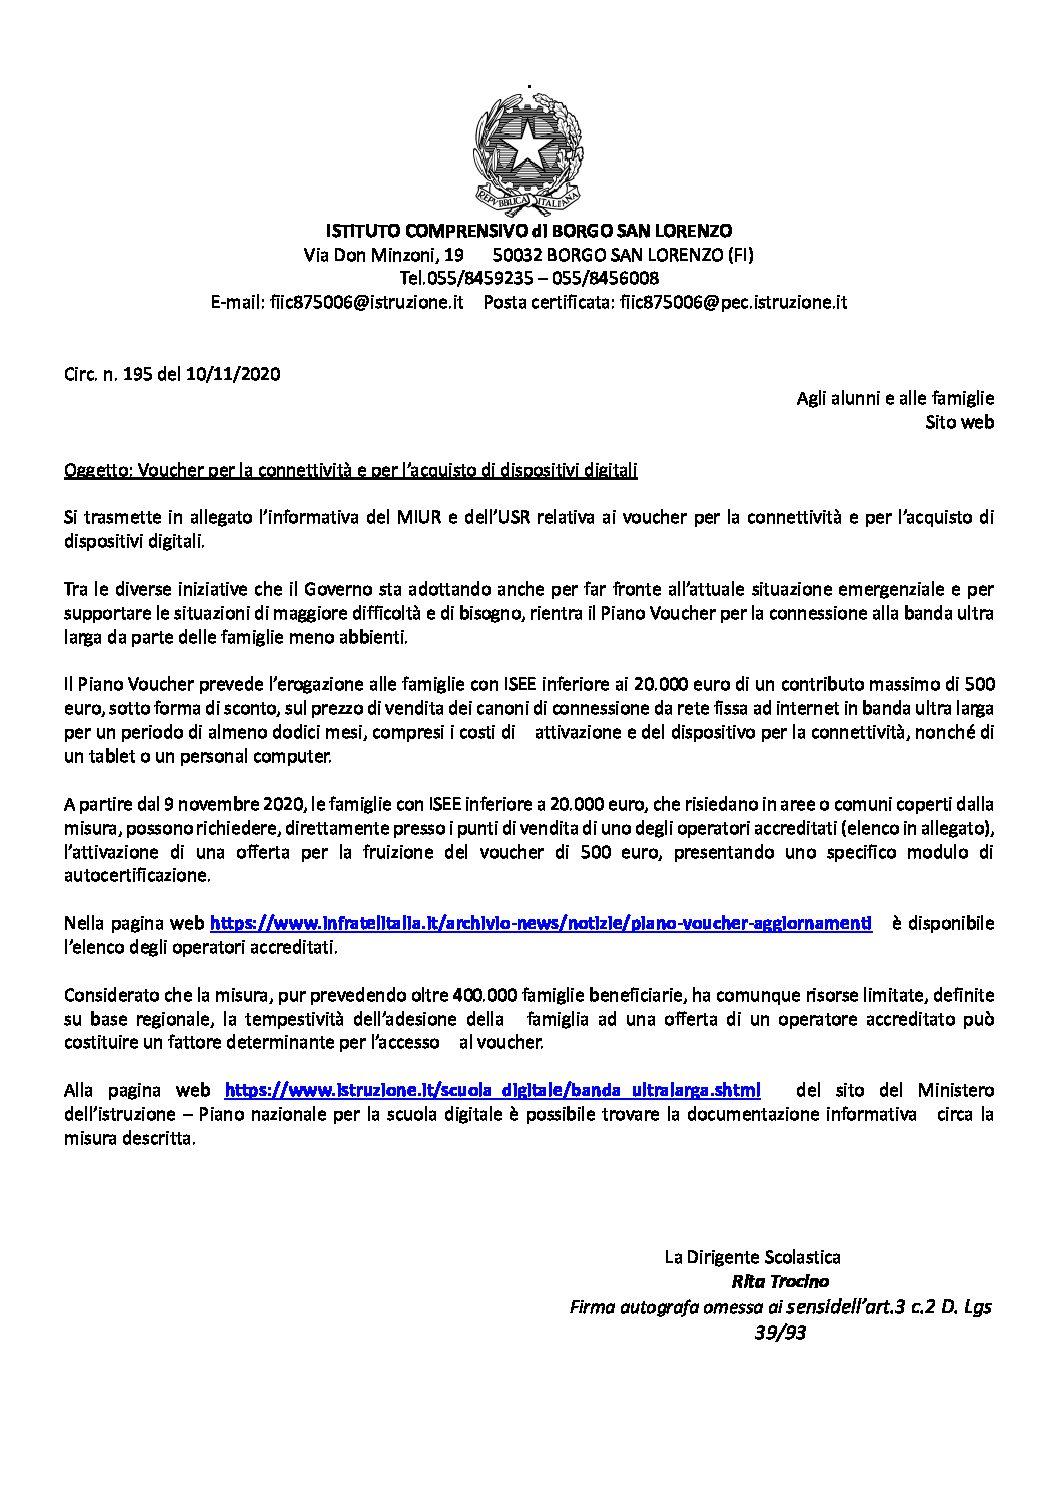 CIRC. 195 – Voucher per la connettività e per l'acquisto di dispositivi digitali